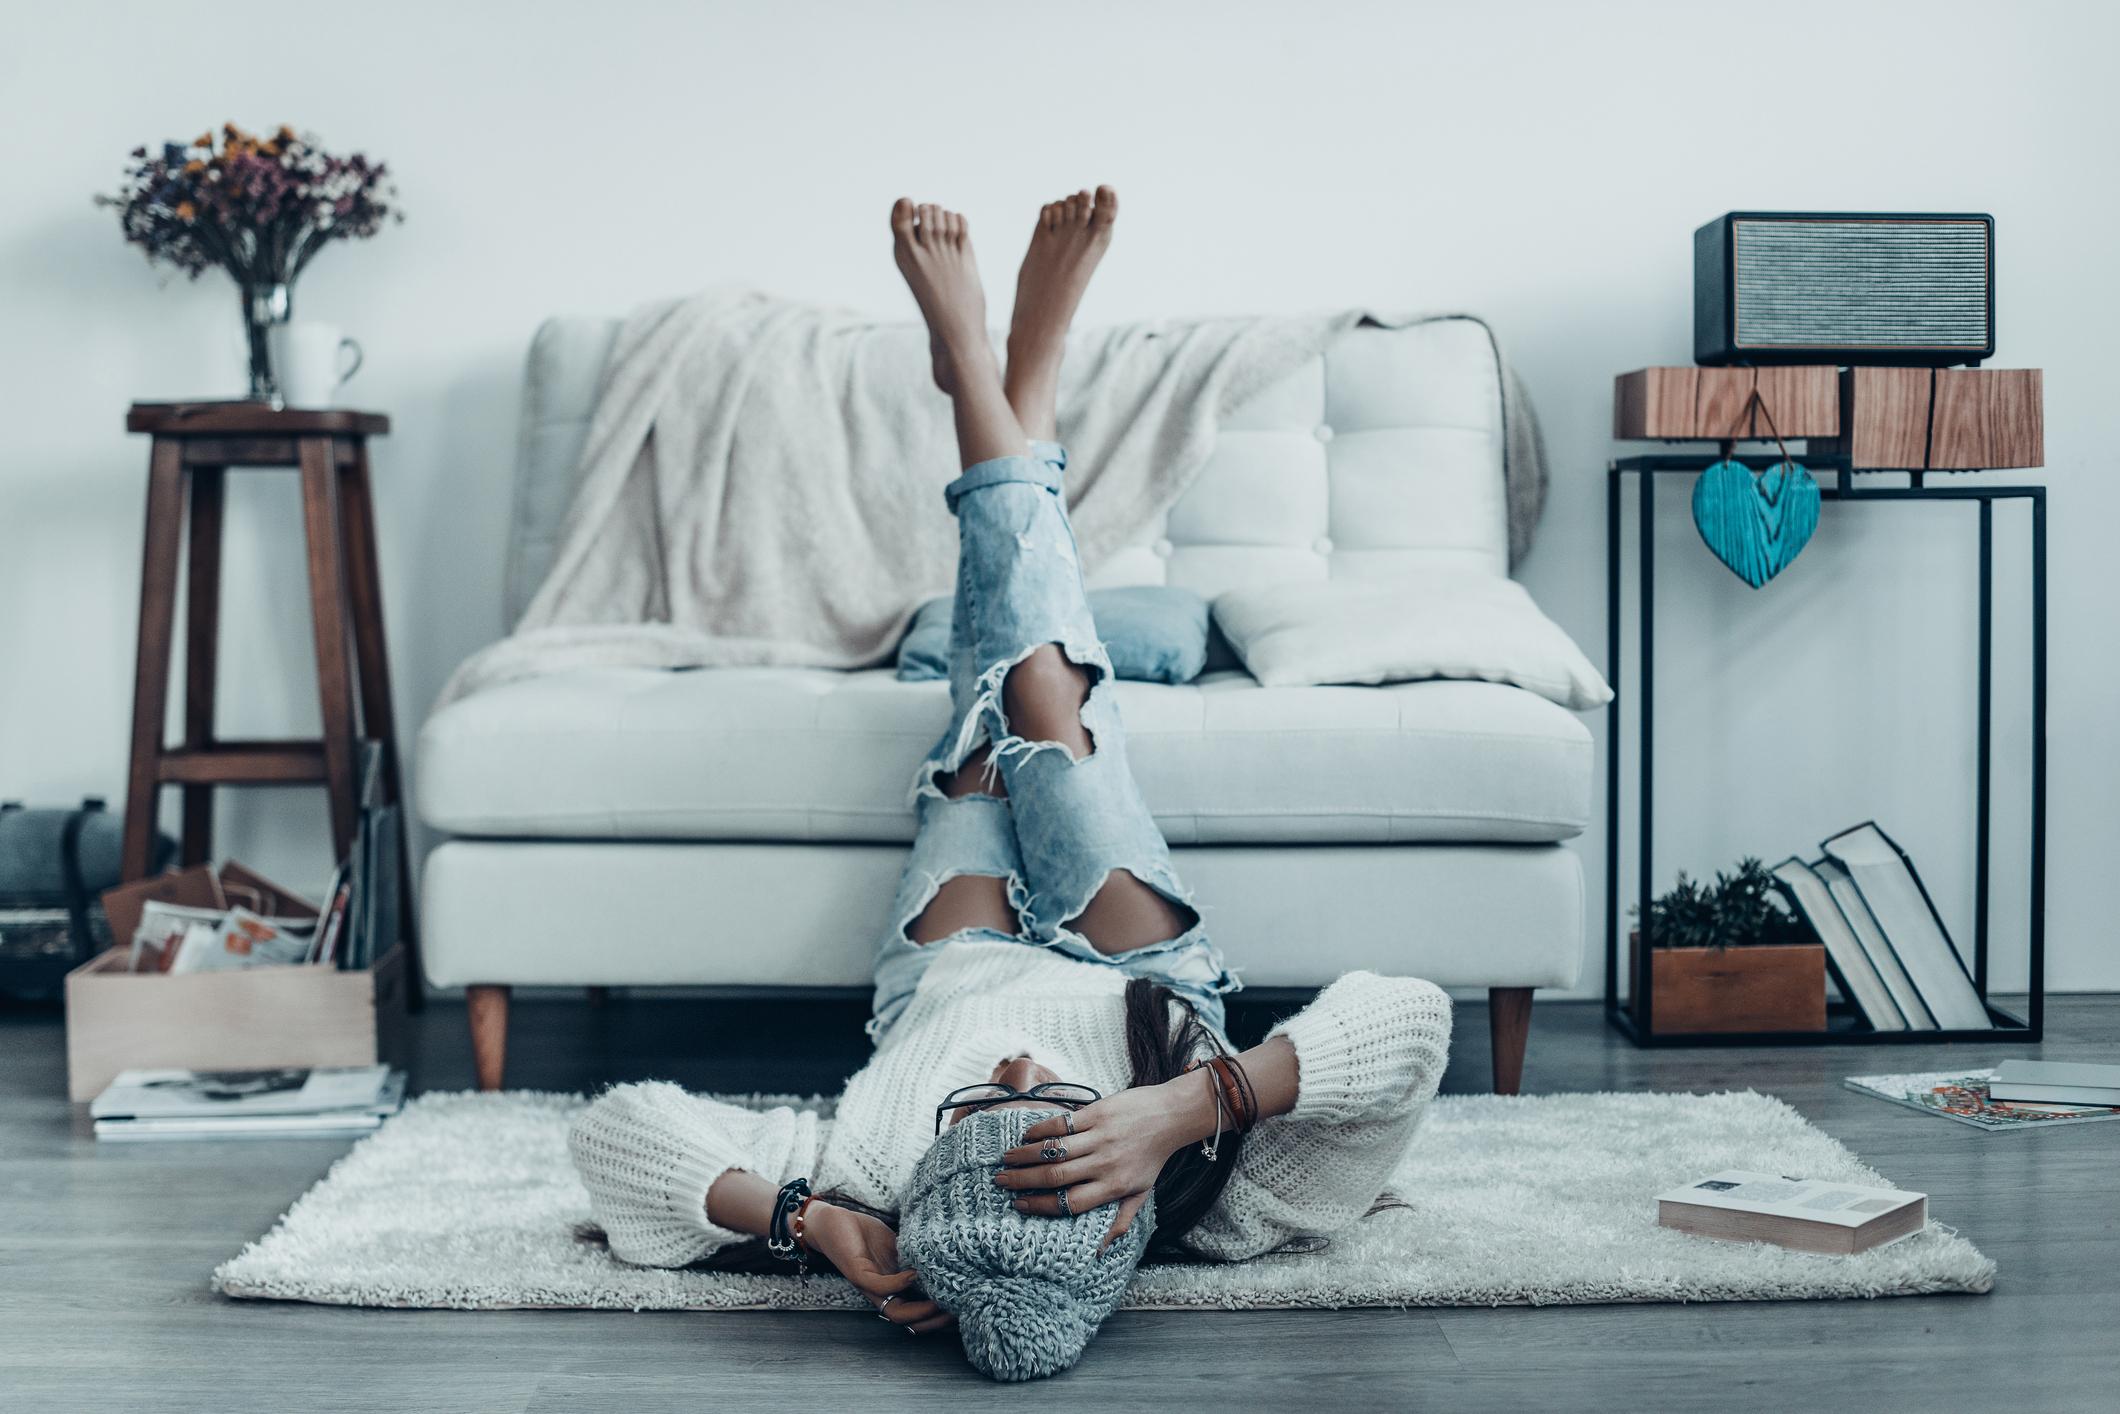 jente som ligger på gulvet